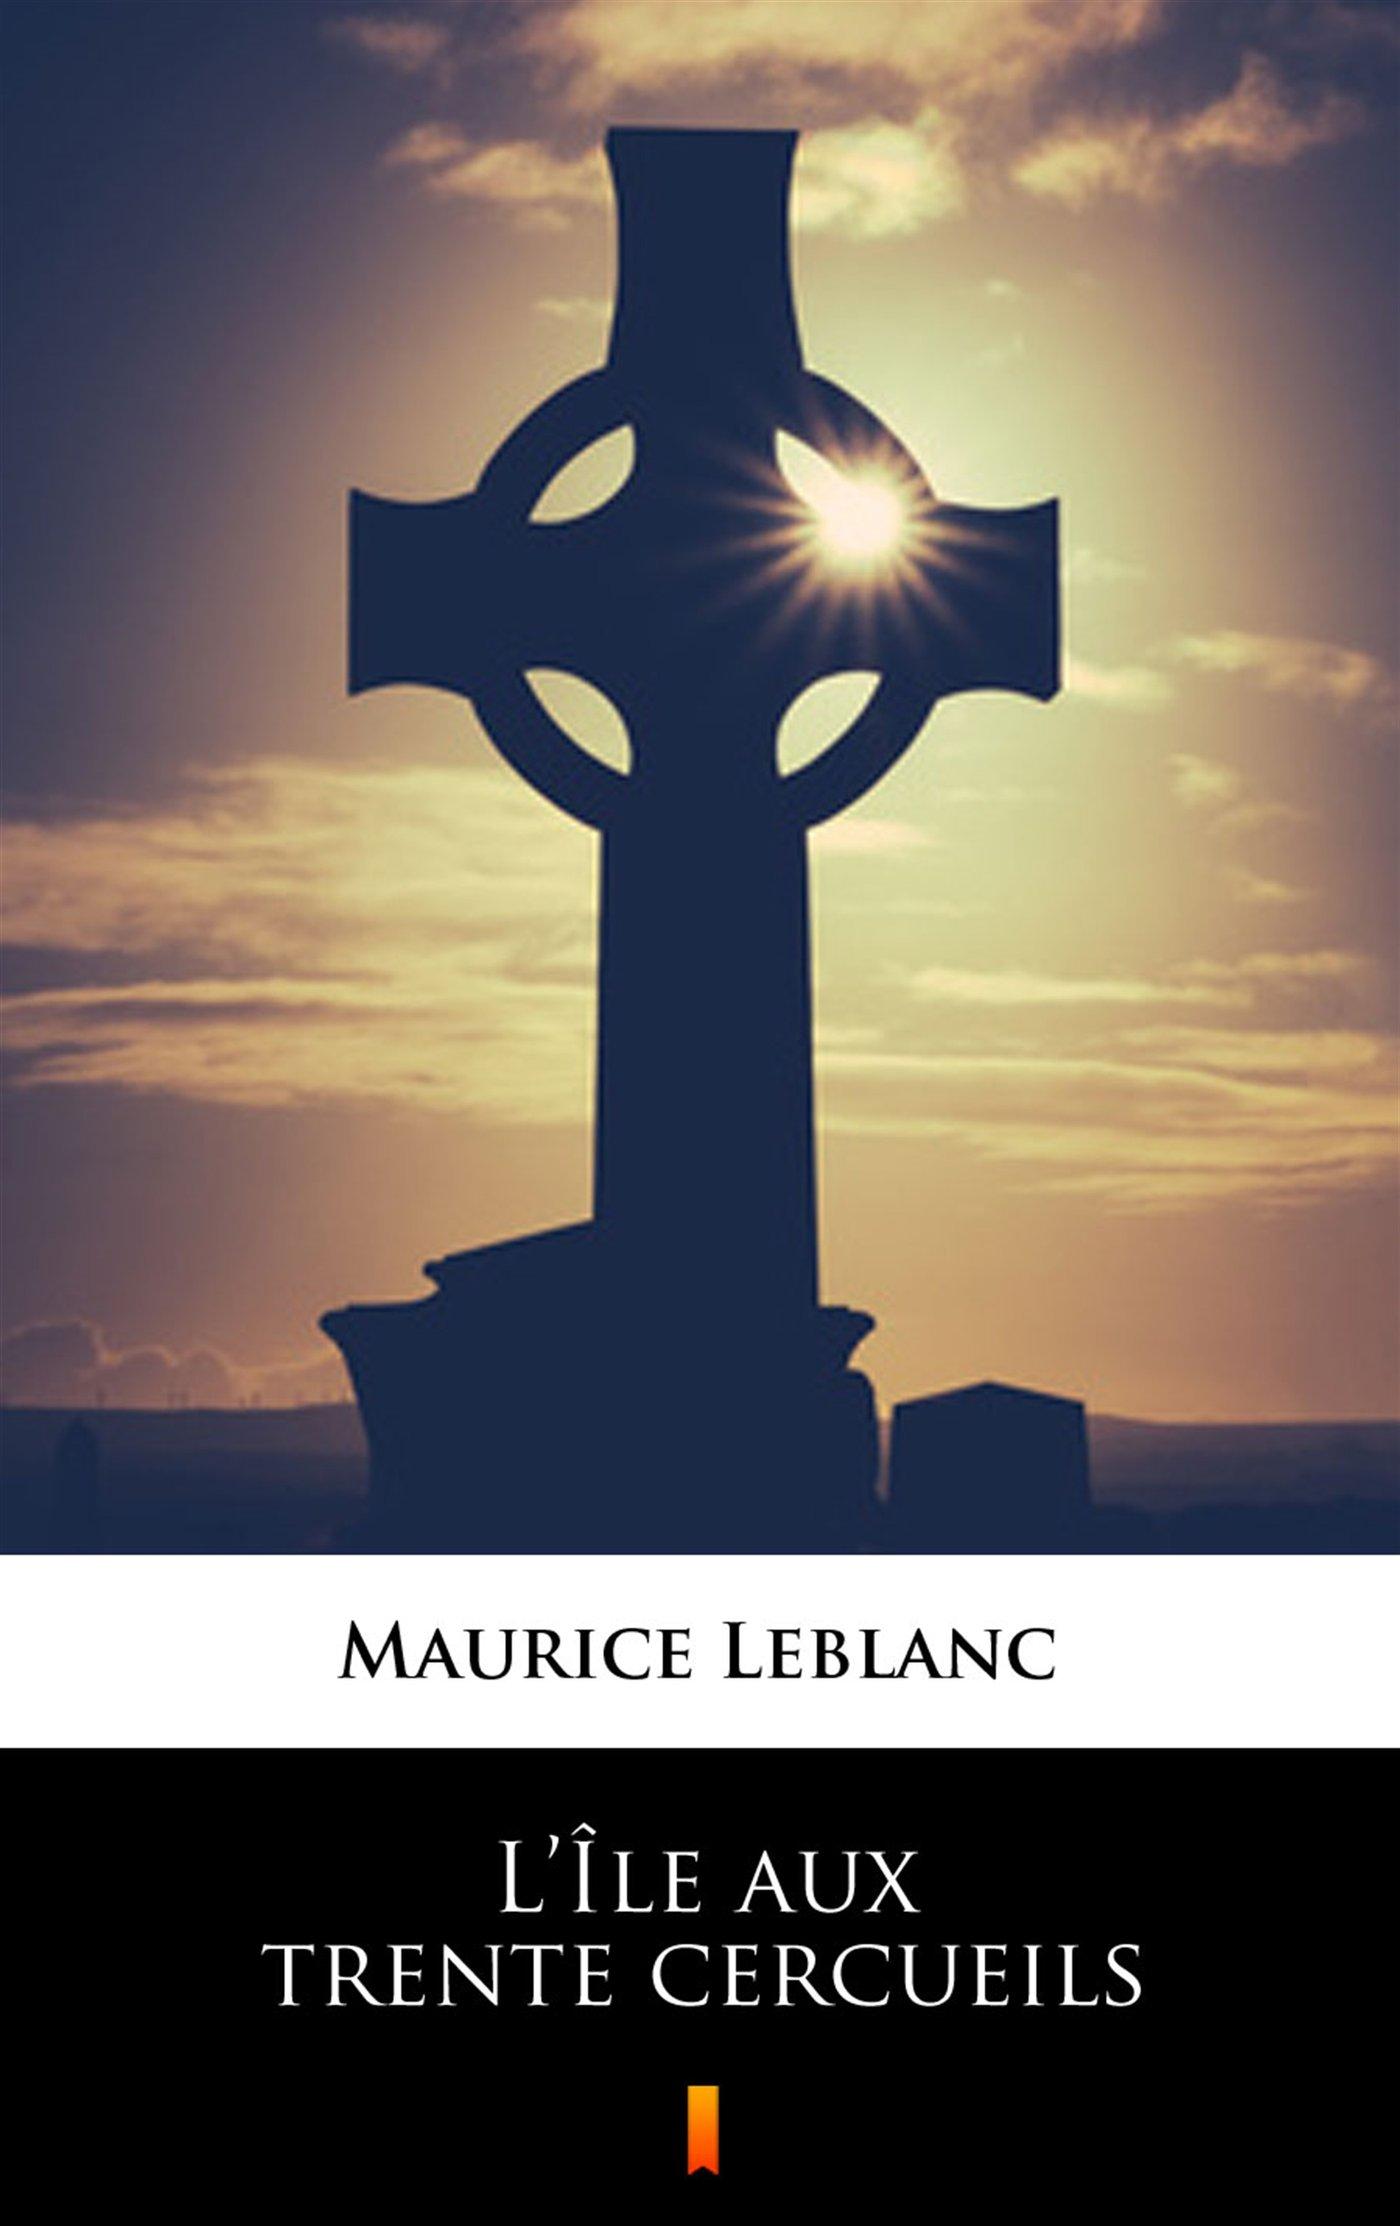 L Ile aux trente cercueils - Ebook (Książka EPUB) do pobrania w formacie EPUB